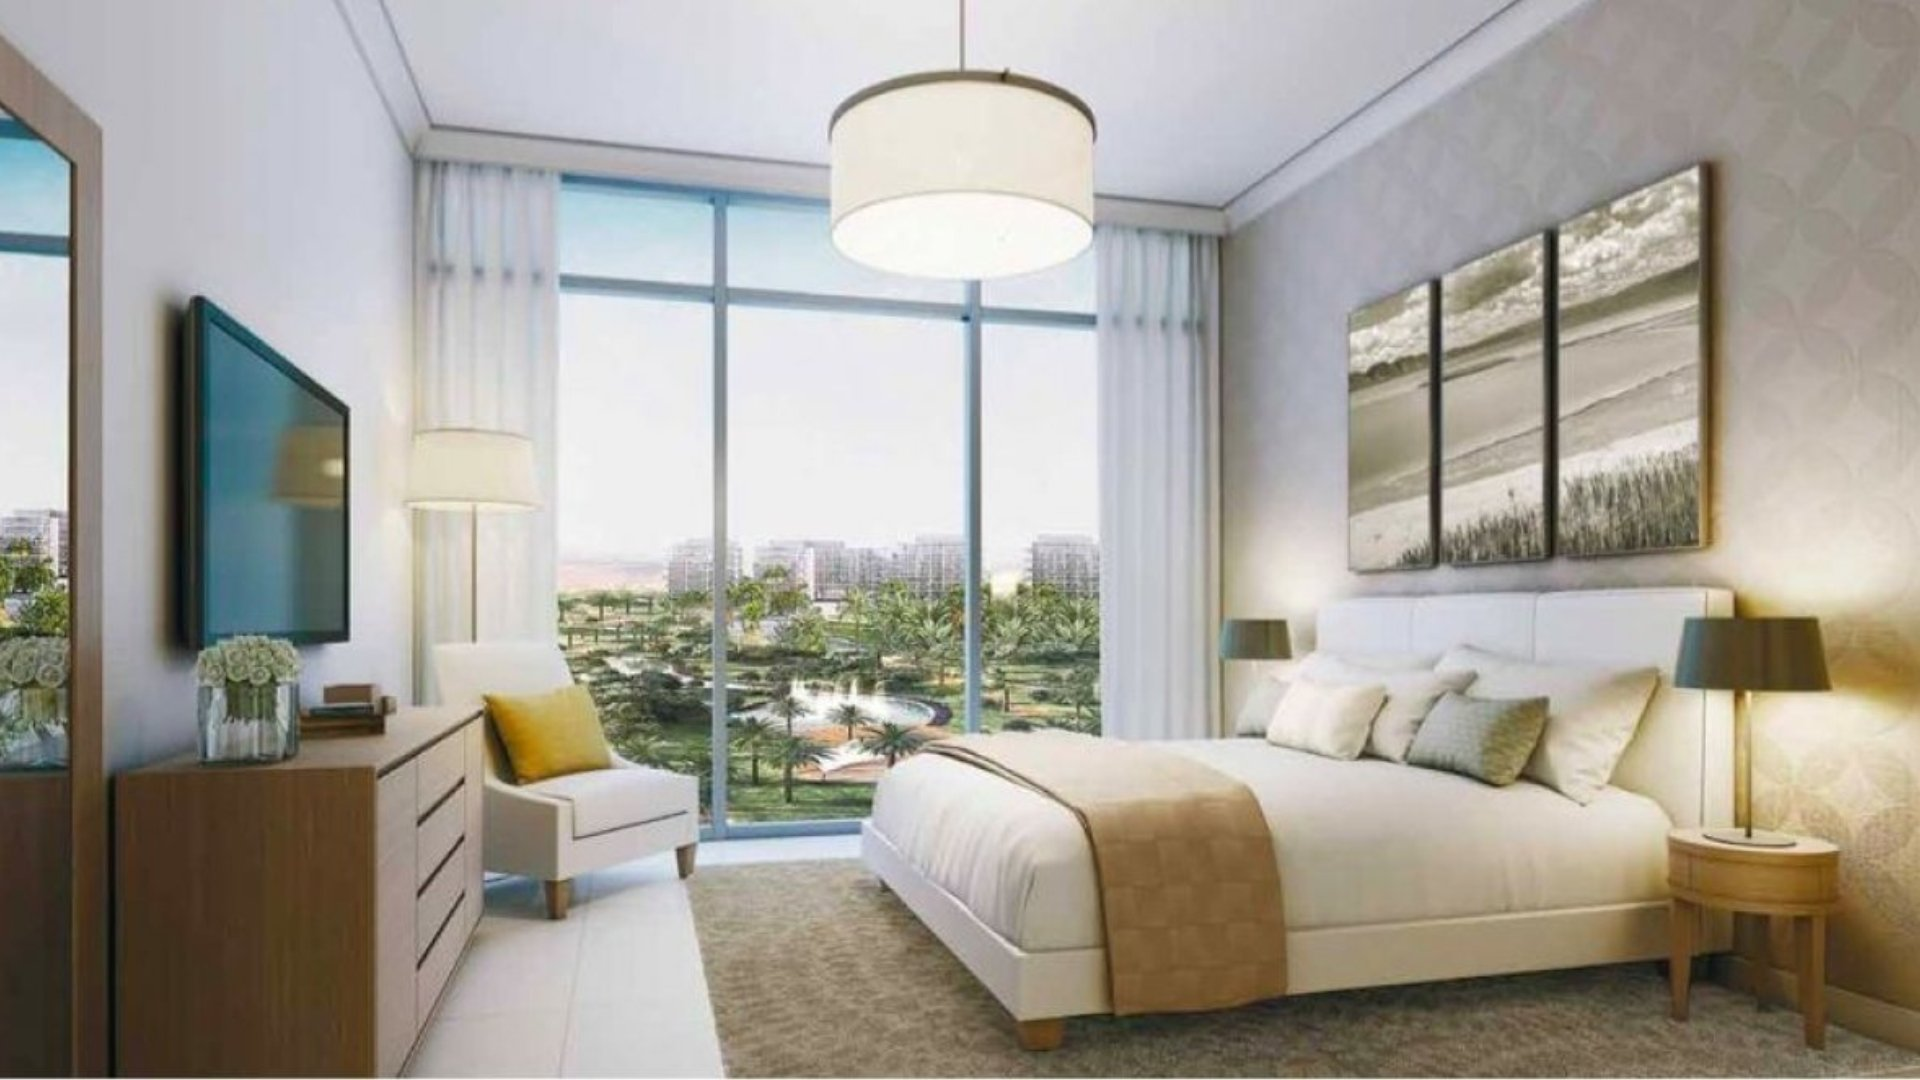 Apartment for sale in Dubai, UAE, 1 bedroom, 67 m2, No. 24277 – photo 3